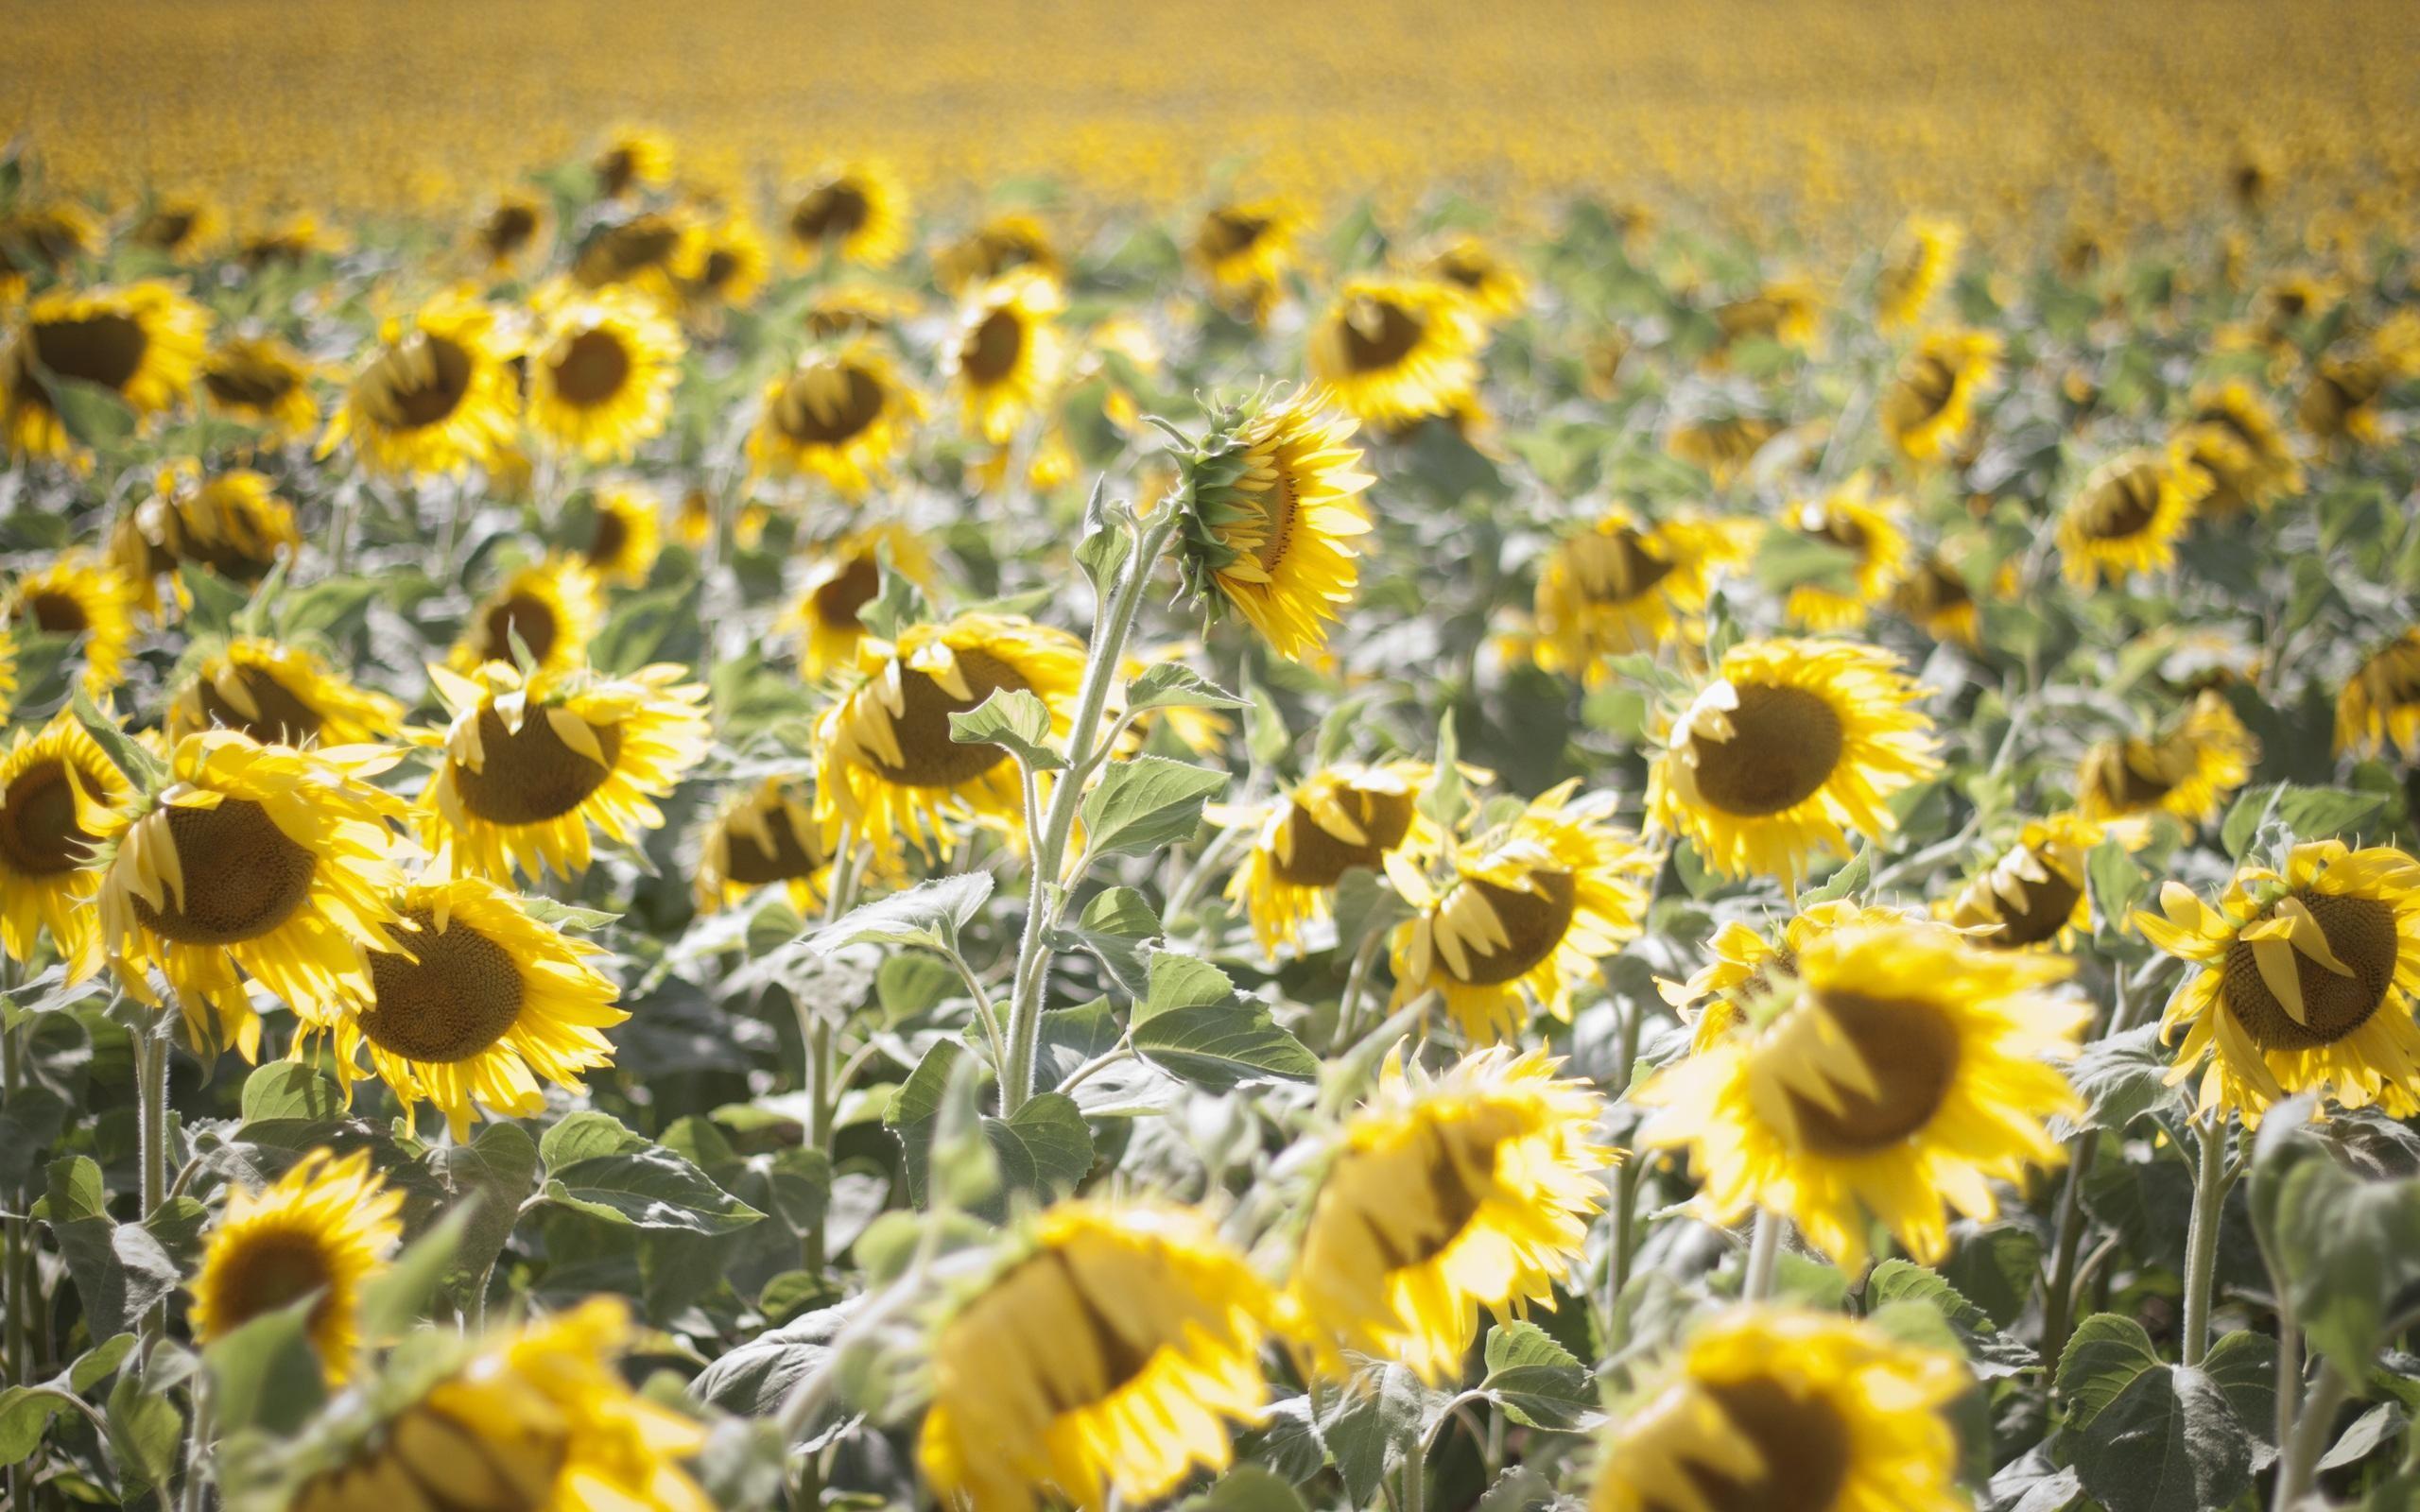 sunflower 4k